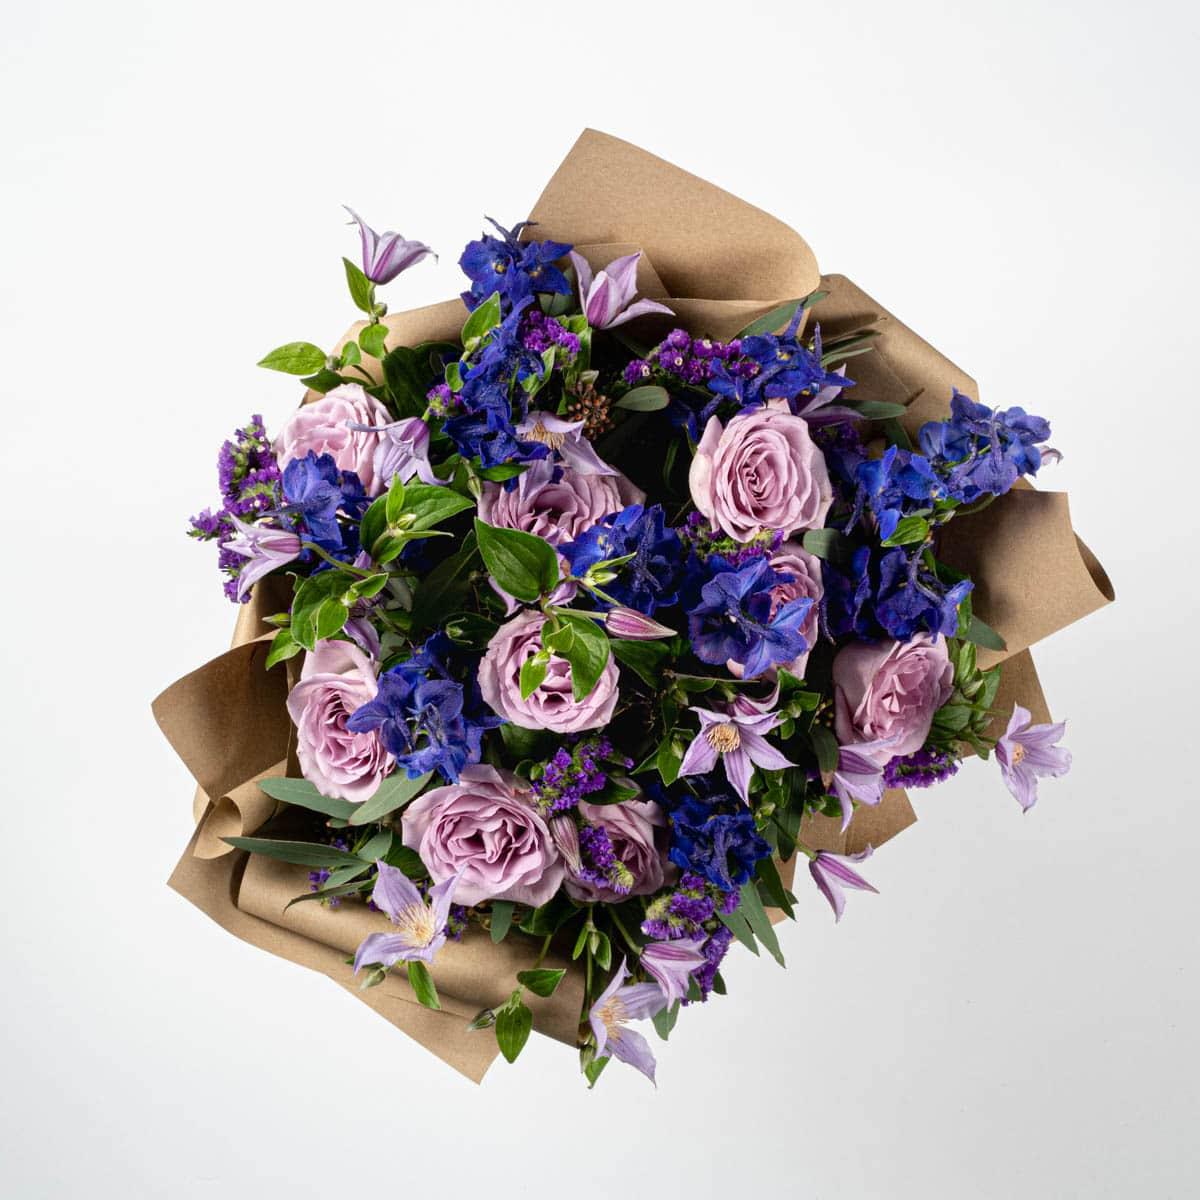 Bloom Flower Delivery | Wild Garden Bouquet